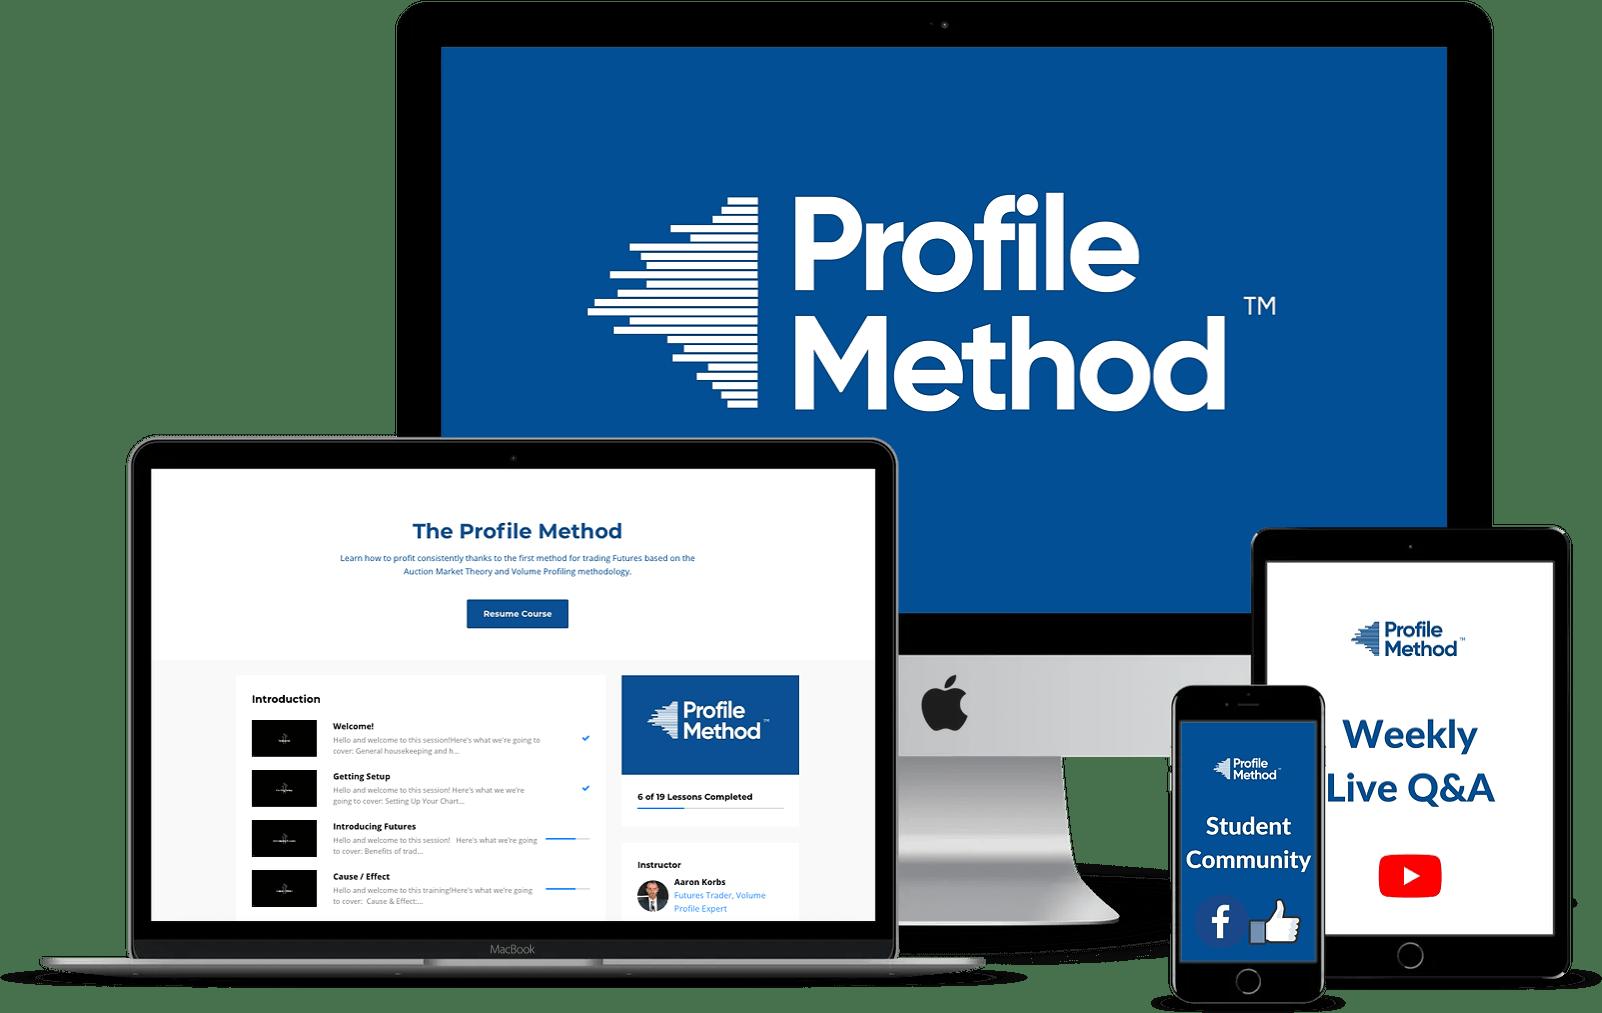 Profile Method